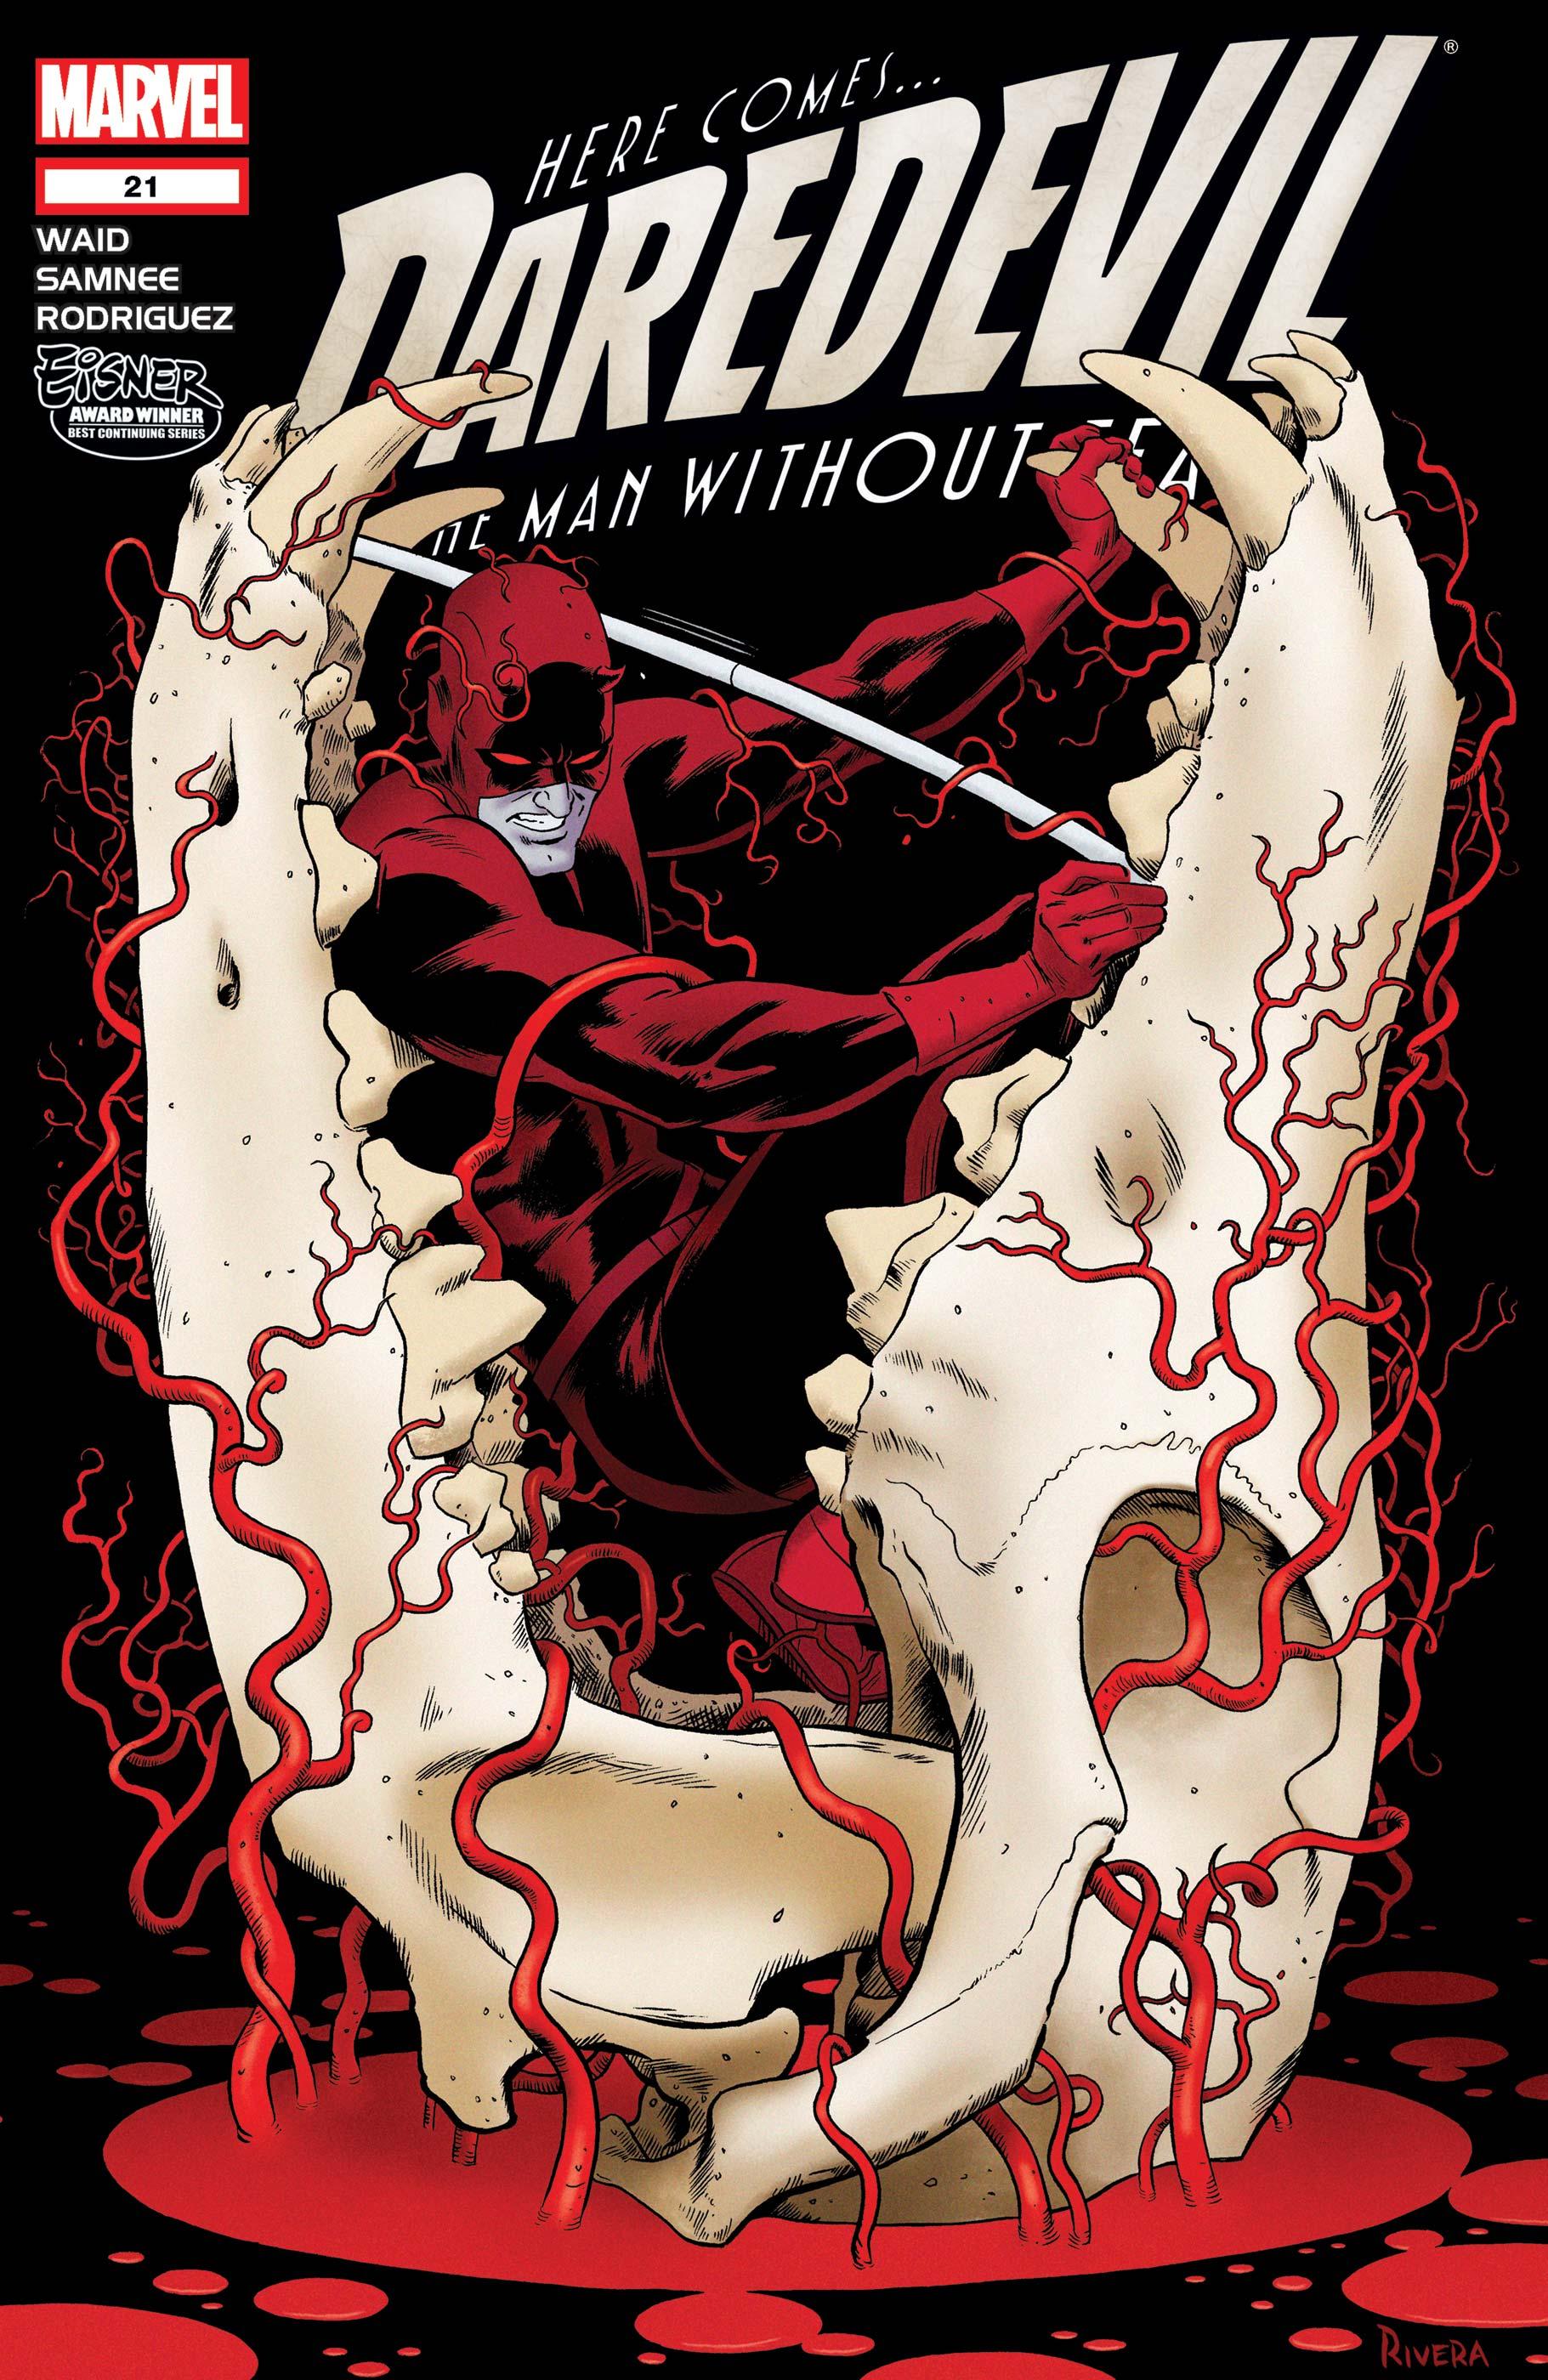 Daredevil (2011) #21